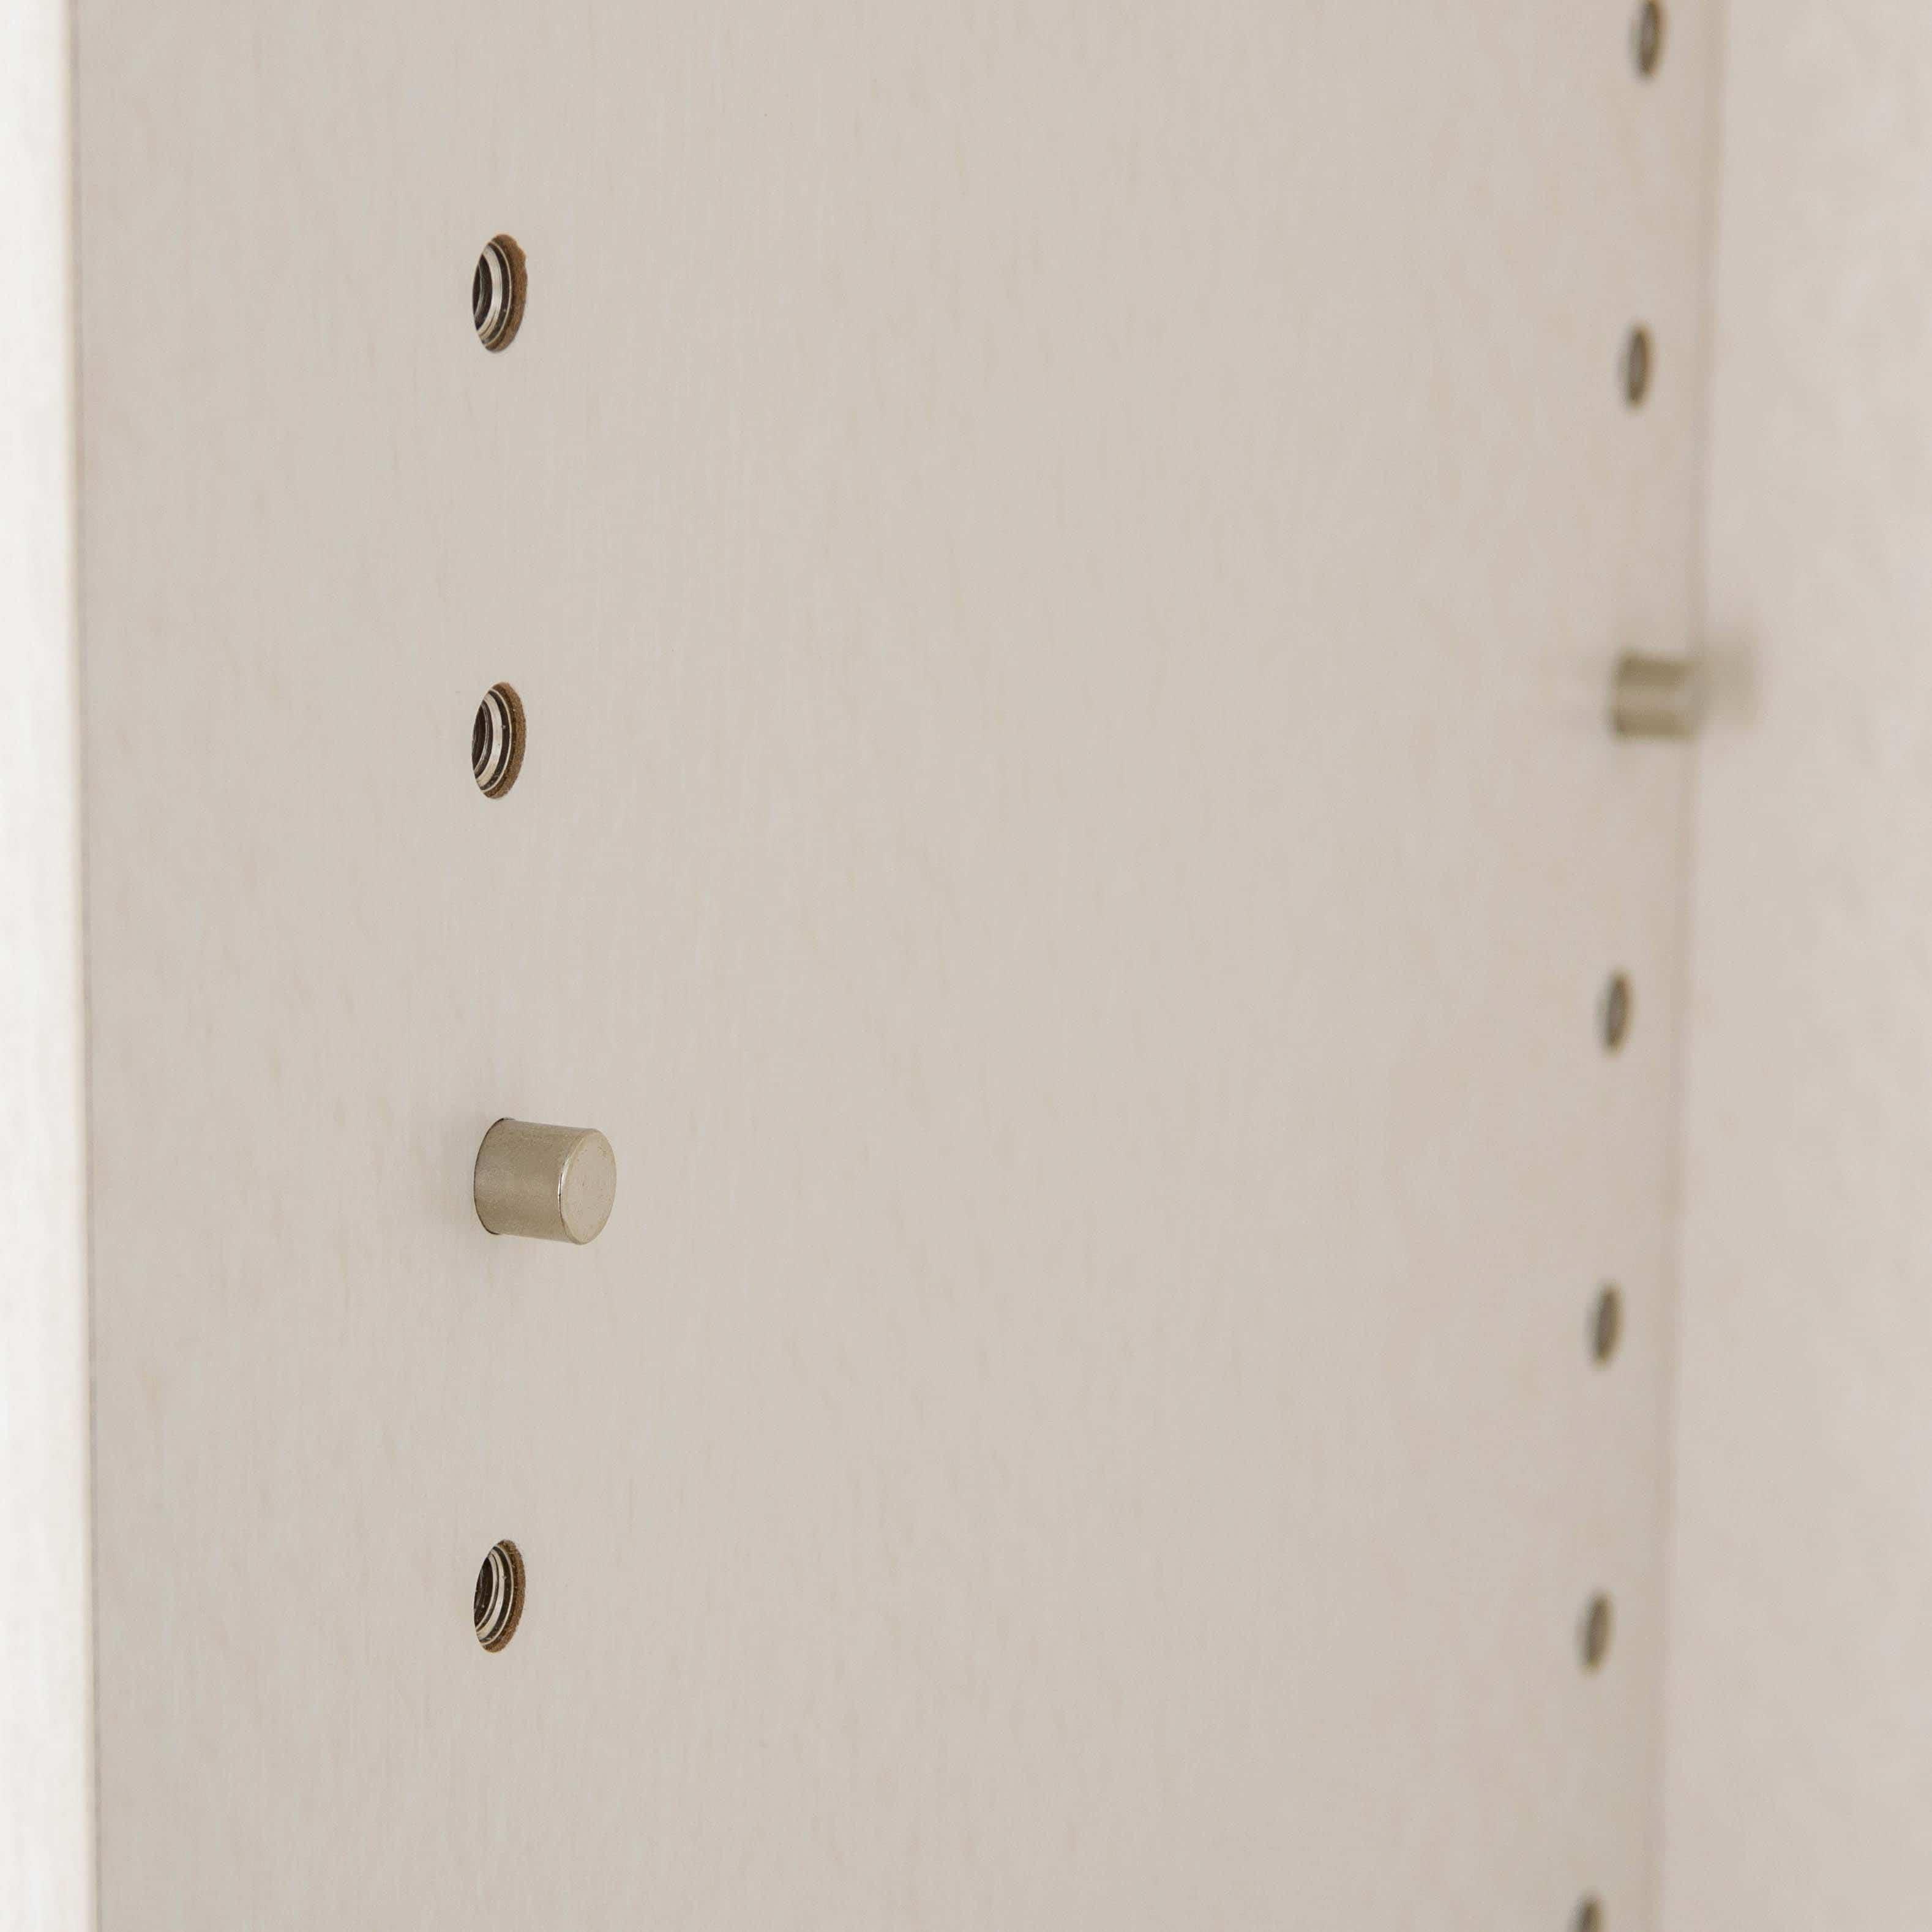 小島工芸 書棚 アコード115H(ホワイト):キレイに収まる魅せる収納